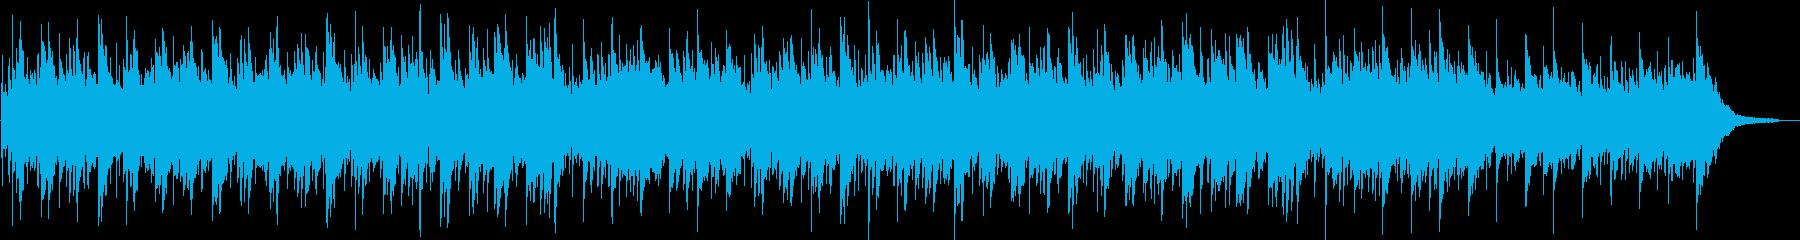 ギターとピアノの優しいヒーリングBGMの再生済みの波形